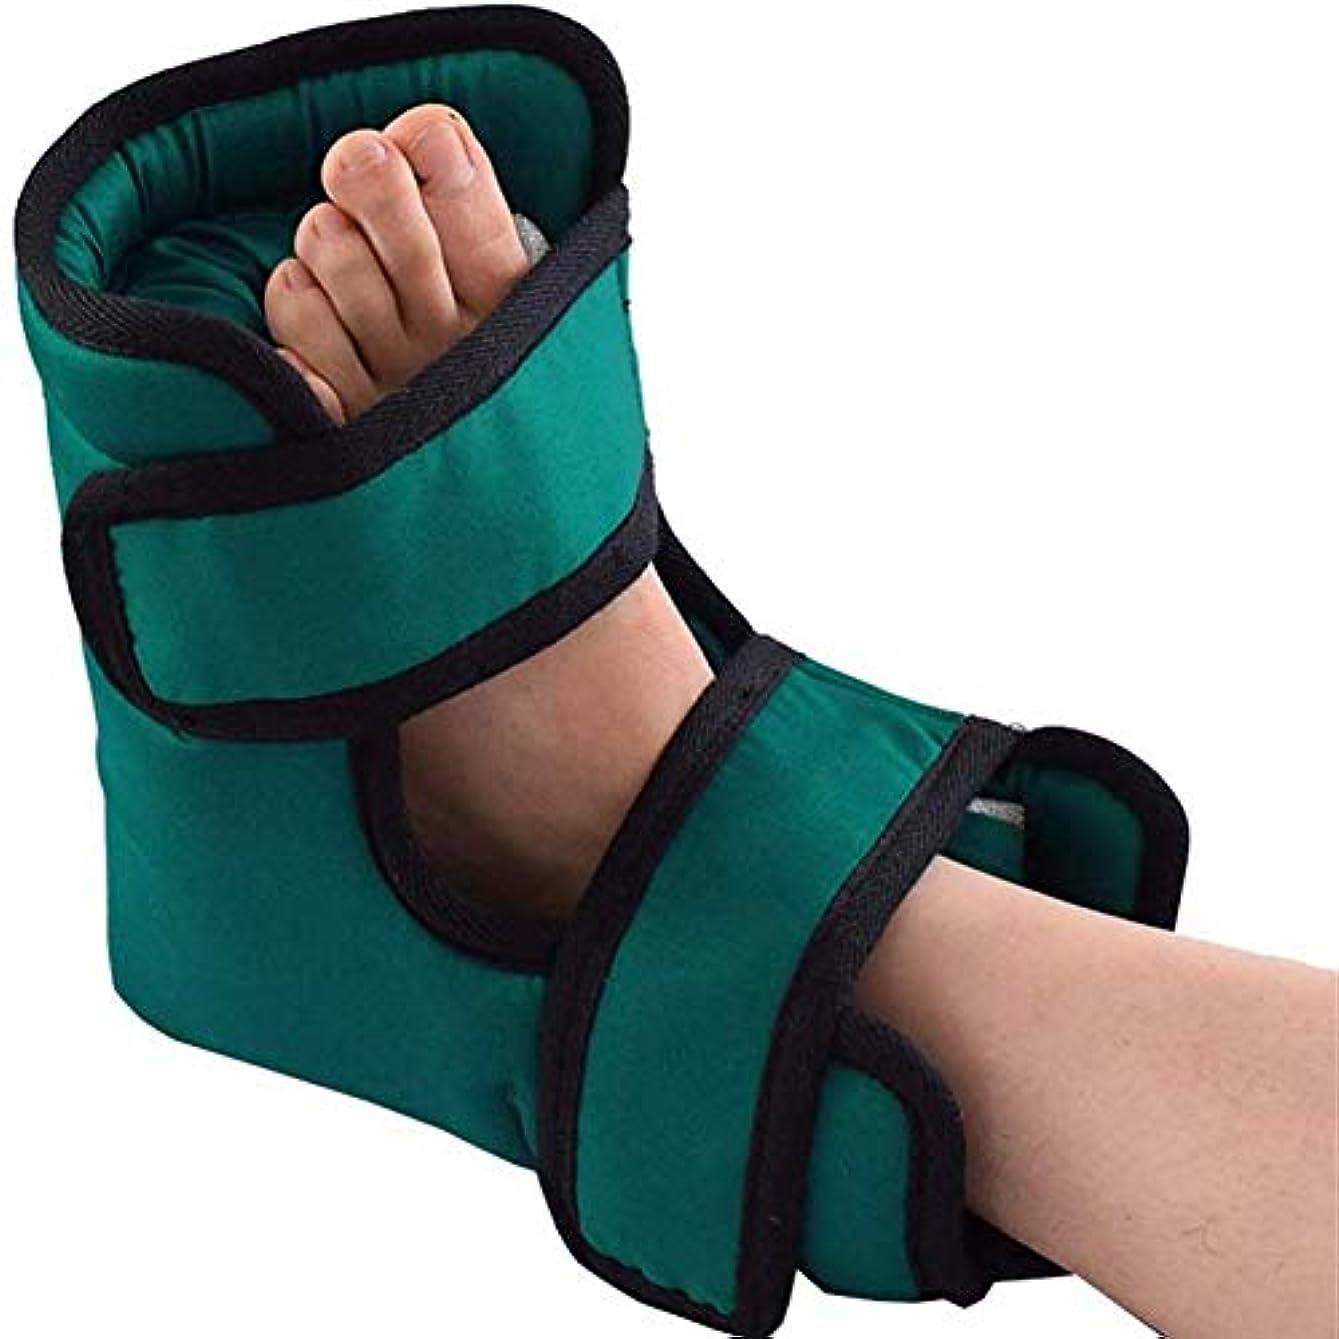 評価沈黙ライフルヒールクッションプロテクター - 足と足首の枕 - ヒール保護ガード - 足、肘、かかと - ベッド&褥瘡を保護します,2pc